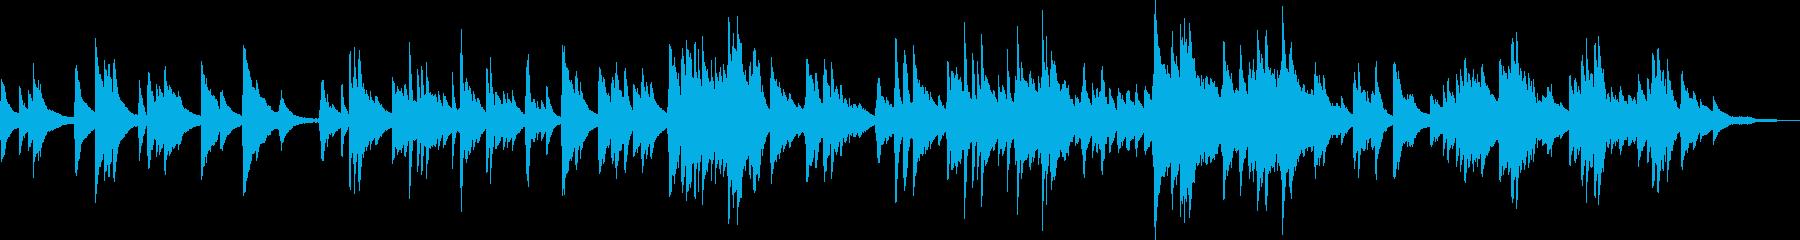 悲しき宿命(ピアノソロ・切ない・BGM)の再生済みの波形